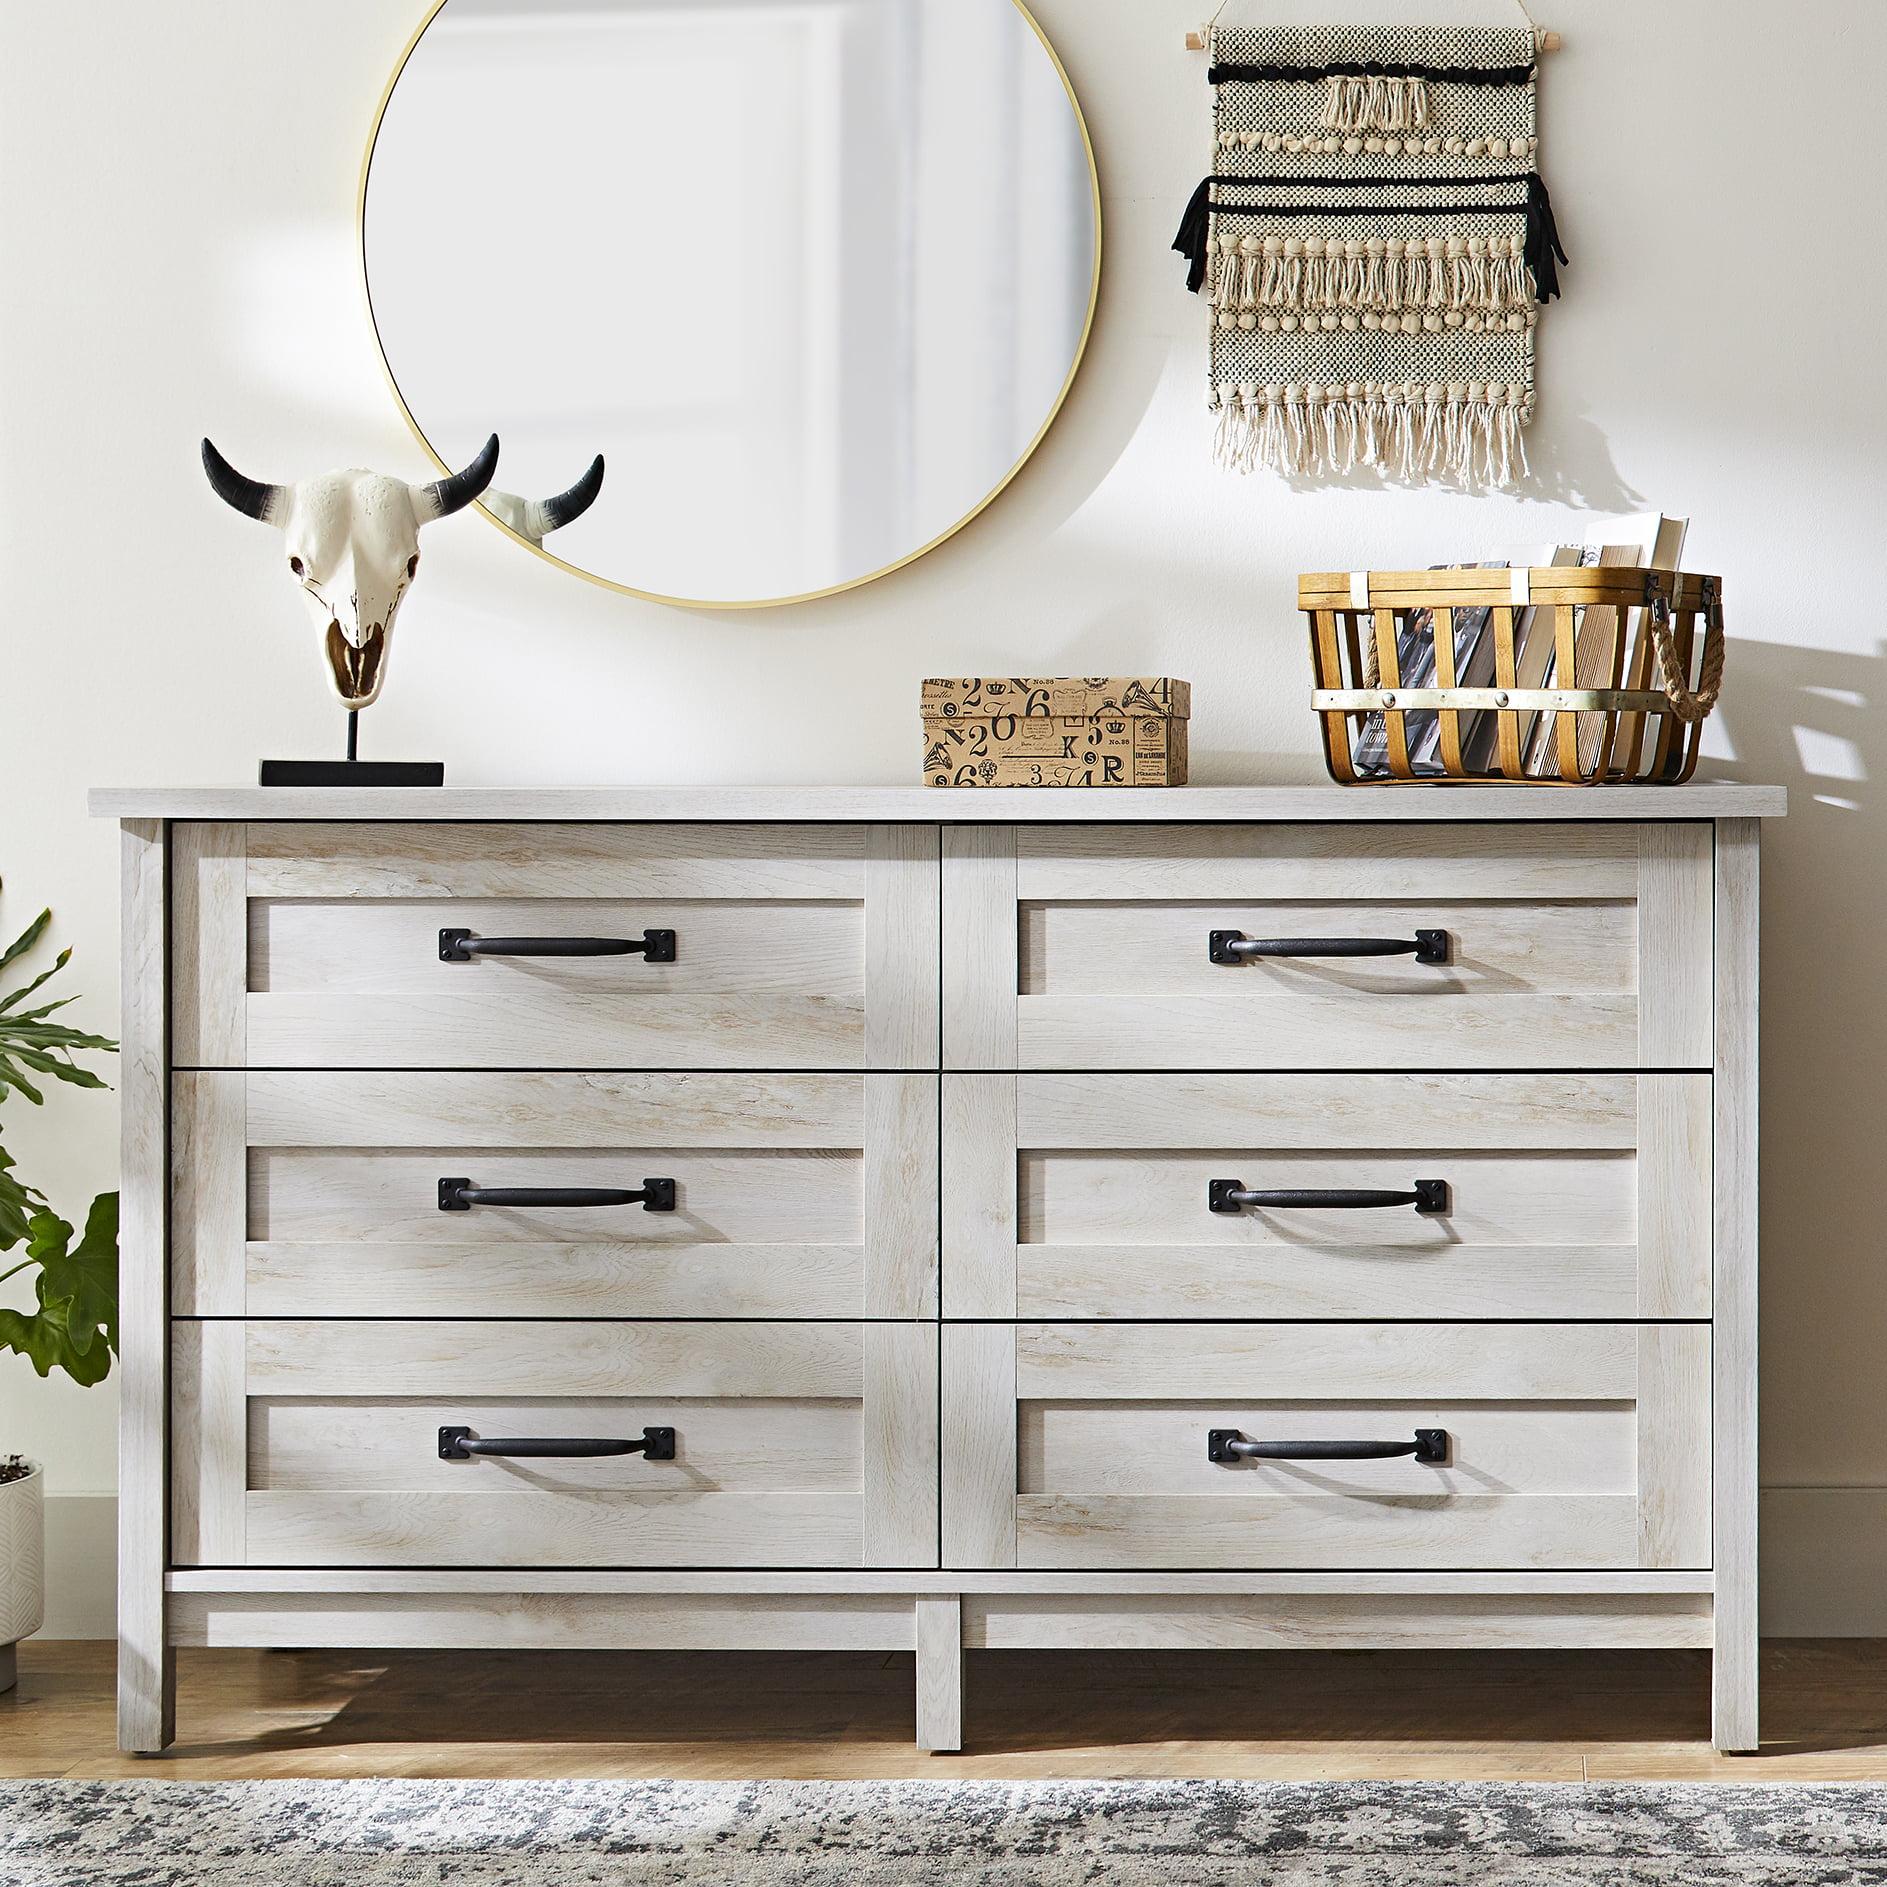 10 White Rustic Rooms: Better Homes & Gardens Modern Farmhouse 6-Drawer Dresser